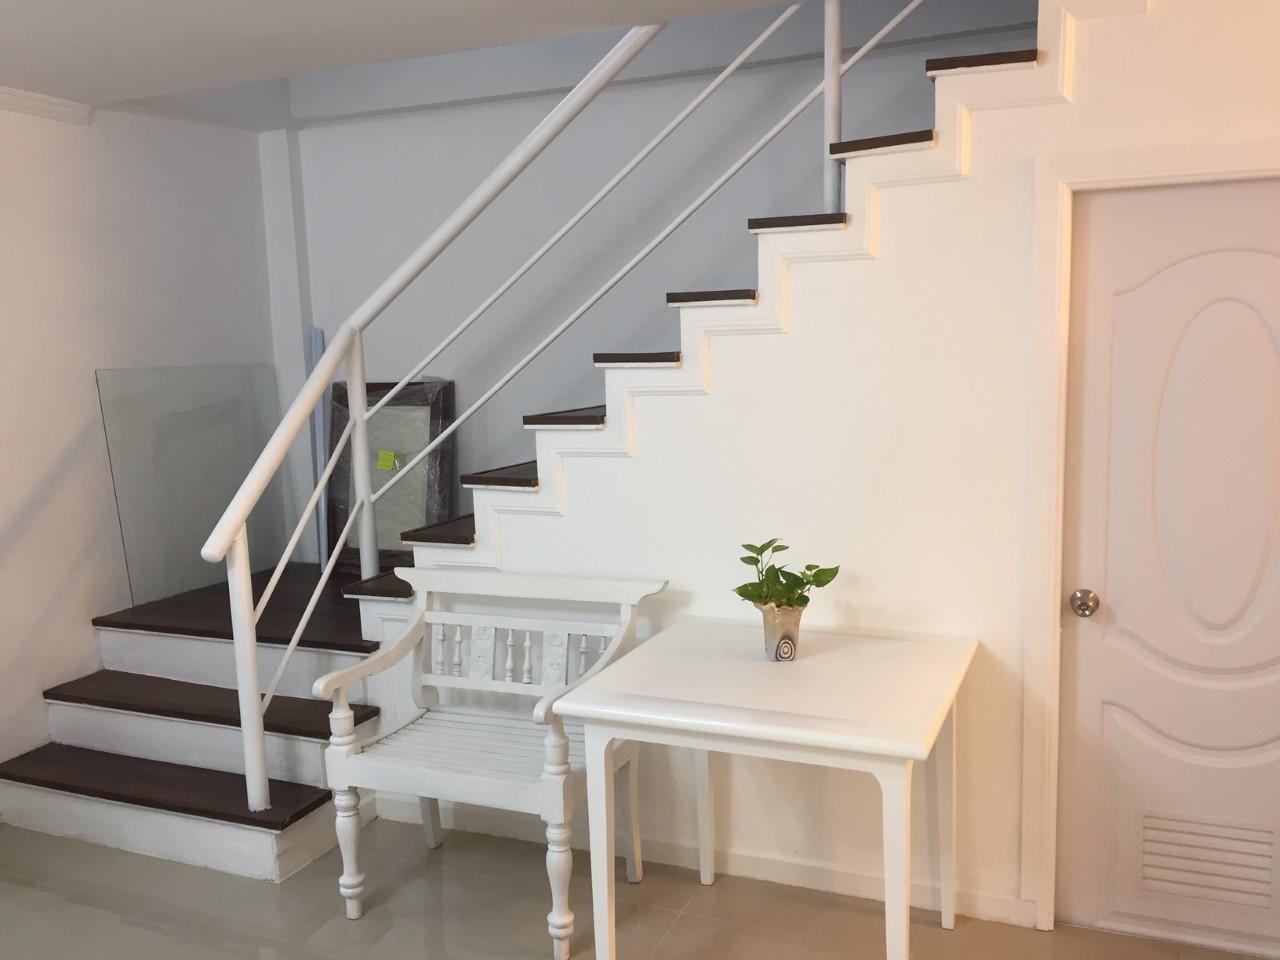 ขาย บ้านทาวน์เฮ้าส์ 2 ชั้น (รีโนเวทและตกแต่งใหม่หมดทั้งหลังพร้อมอยู่) ราคาถูก ซอยรามอินทรา 40